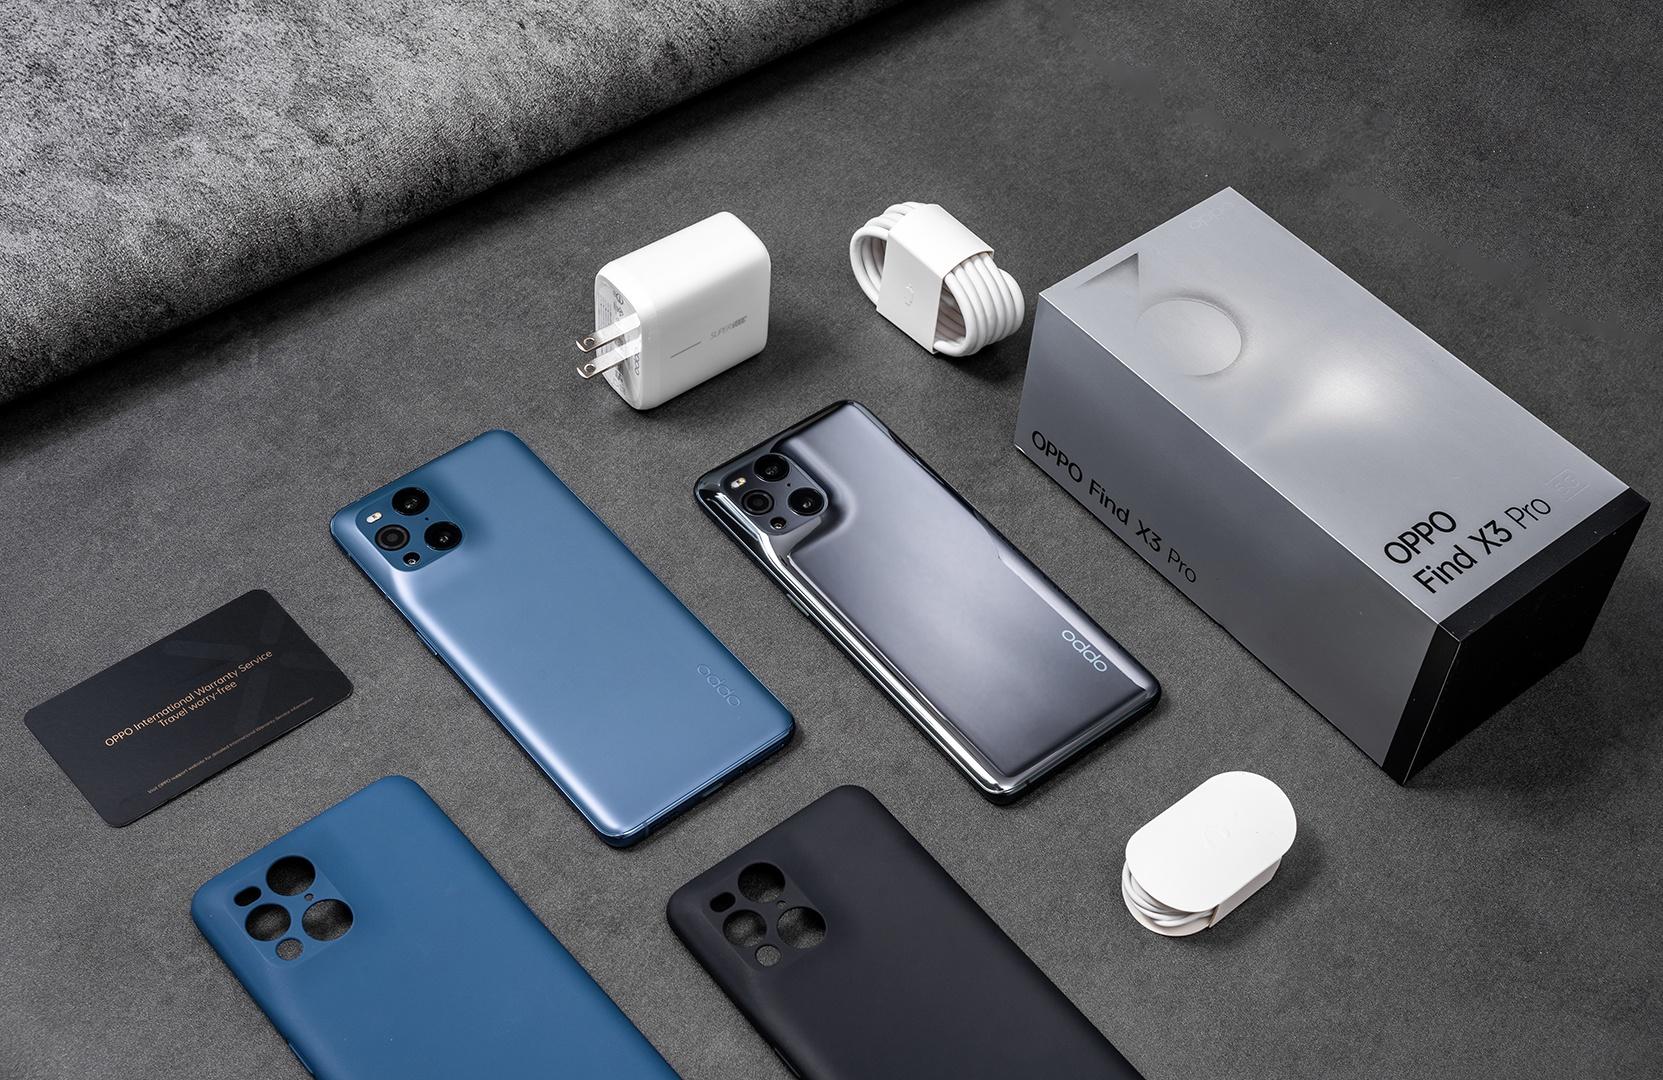 OPPO ra mắt Find X3 Pro 5G với màn hình chuẩn màu và cấu hình mạnh cho game thủ